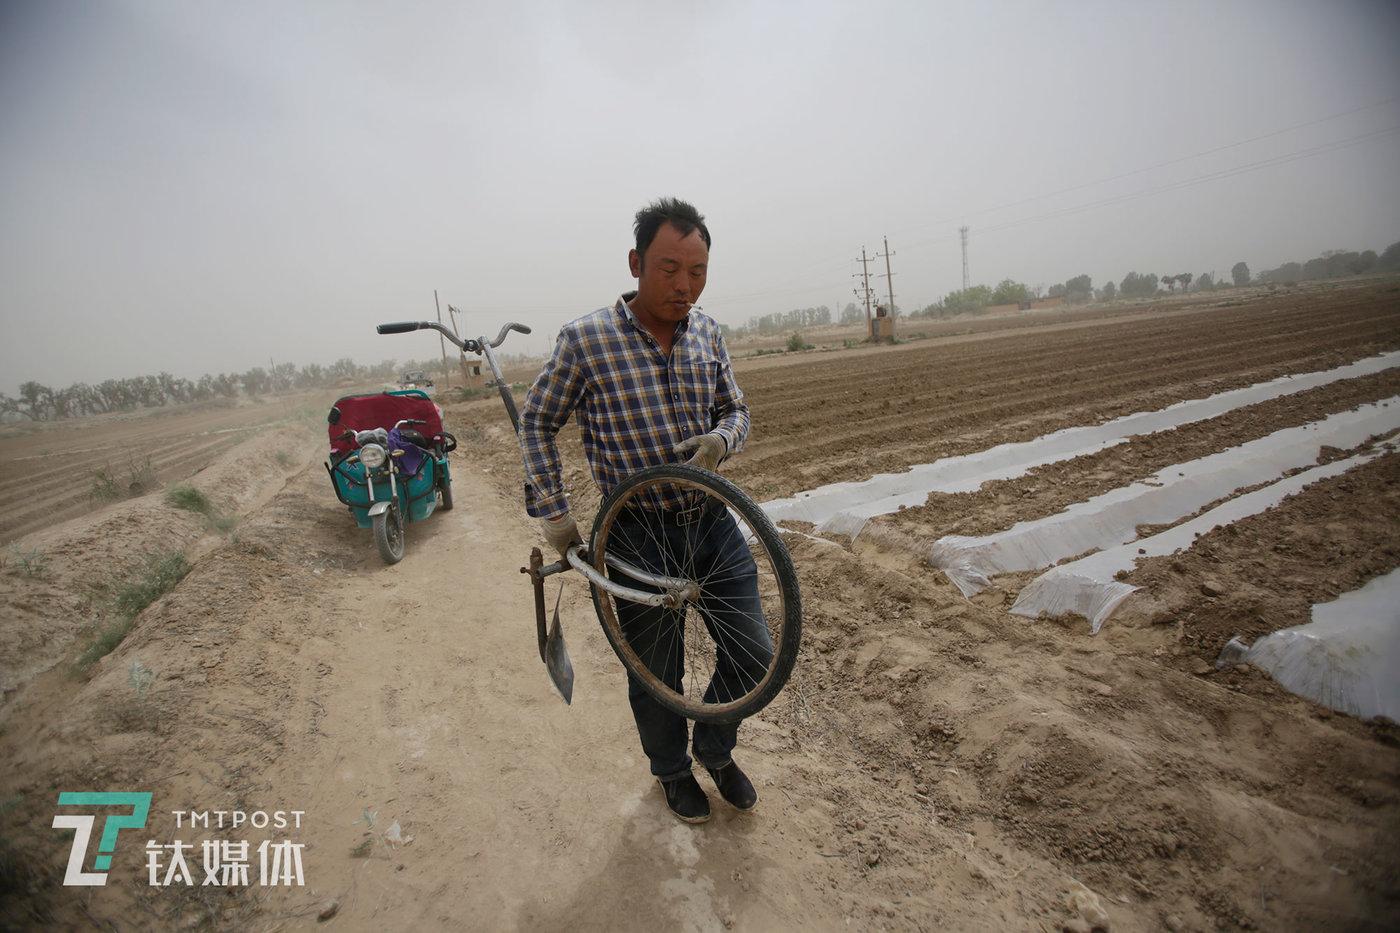 5月18日,六级风给礼智村带来了扬沙天,迎向风沙的瞬间,薛志明眯起了眼睛。